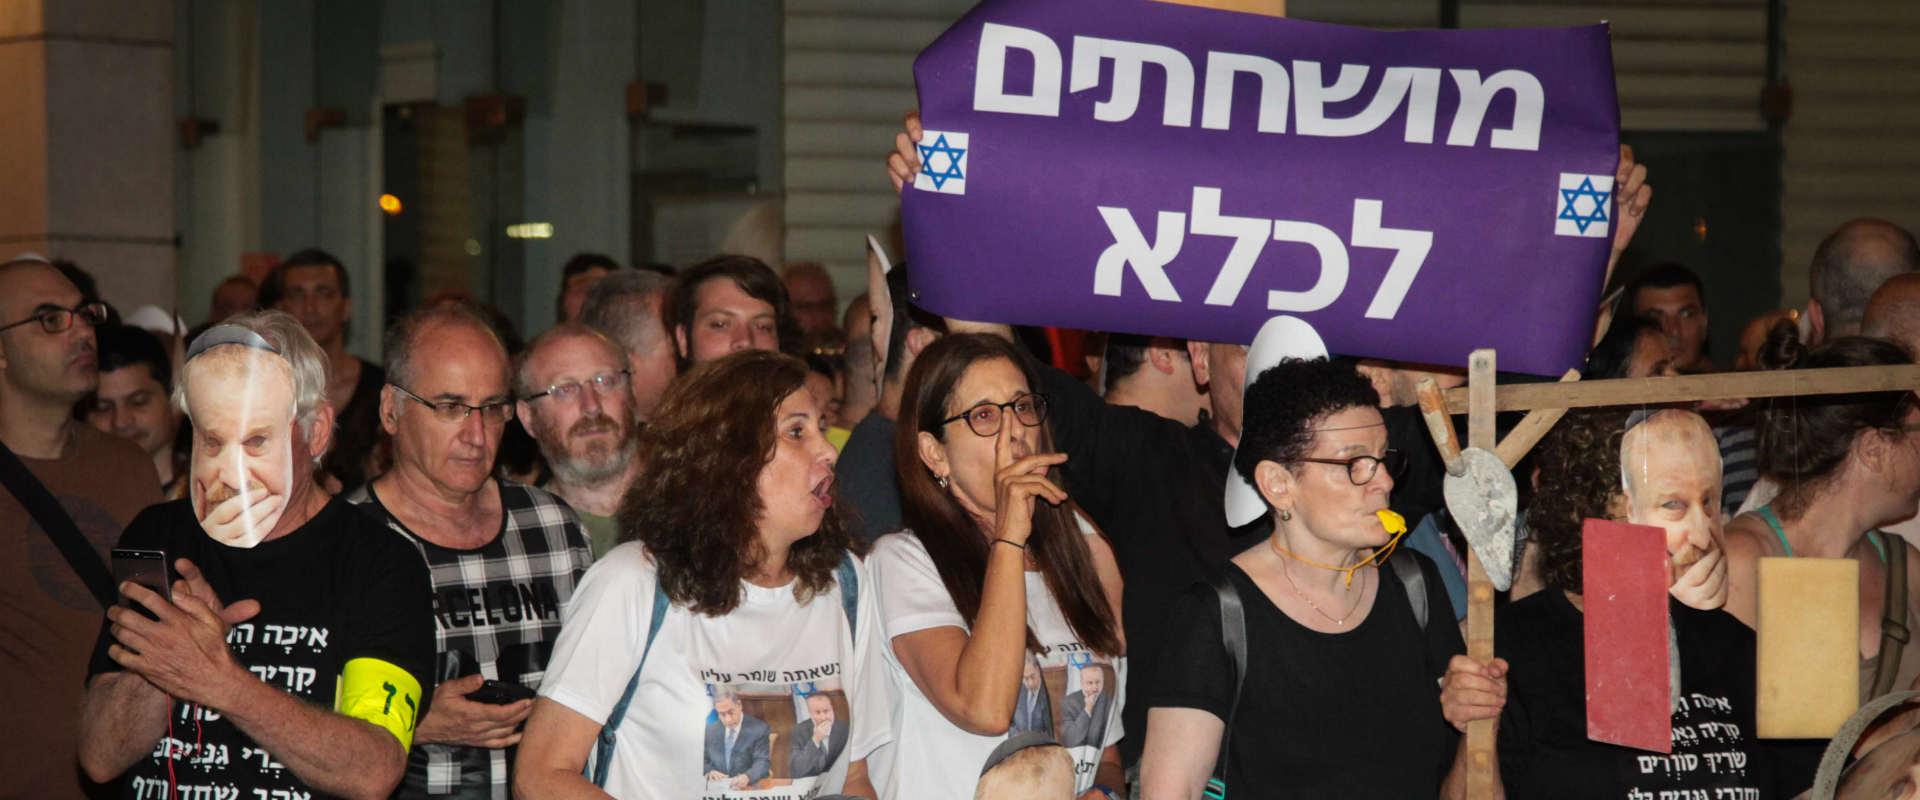 מפגינים נגד מנדלבליט בפתח תקווה